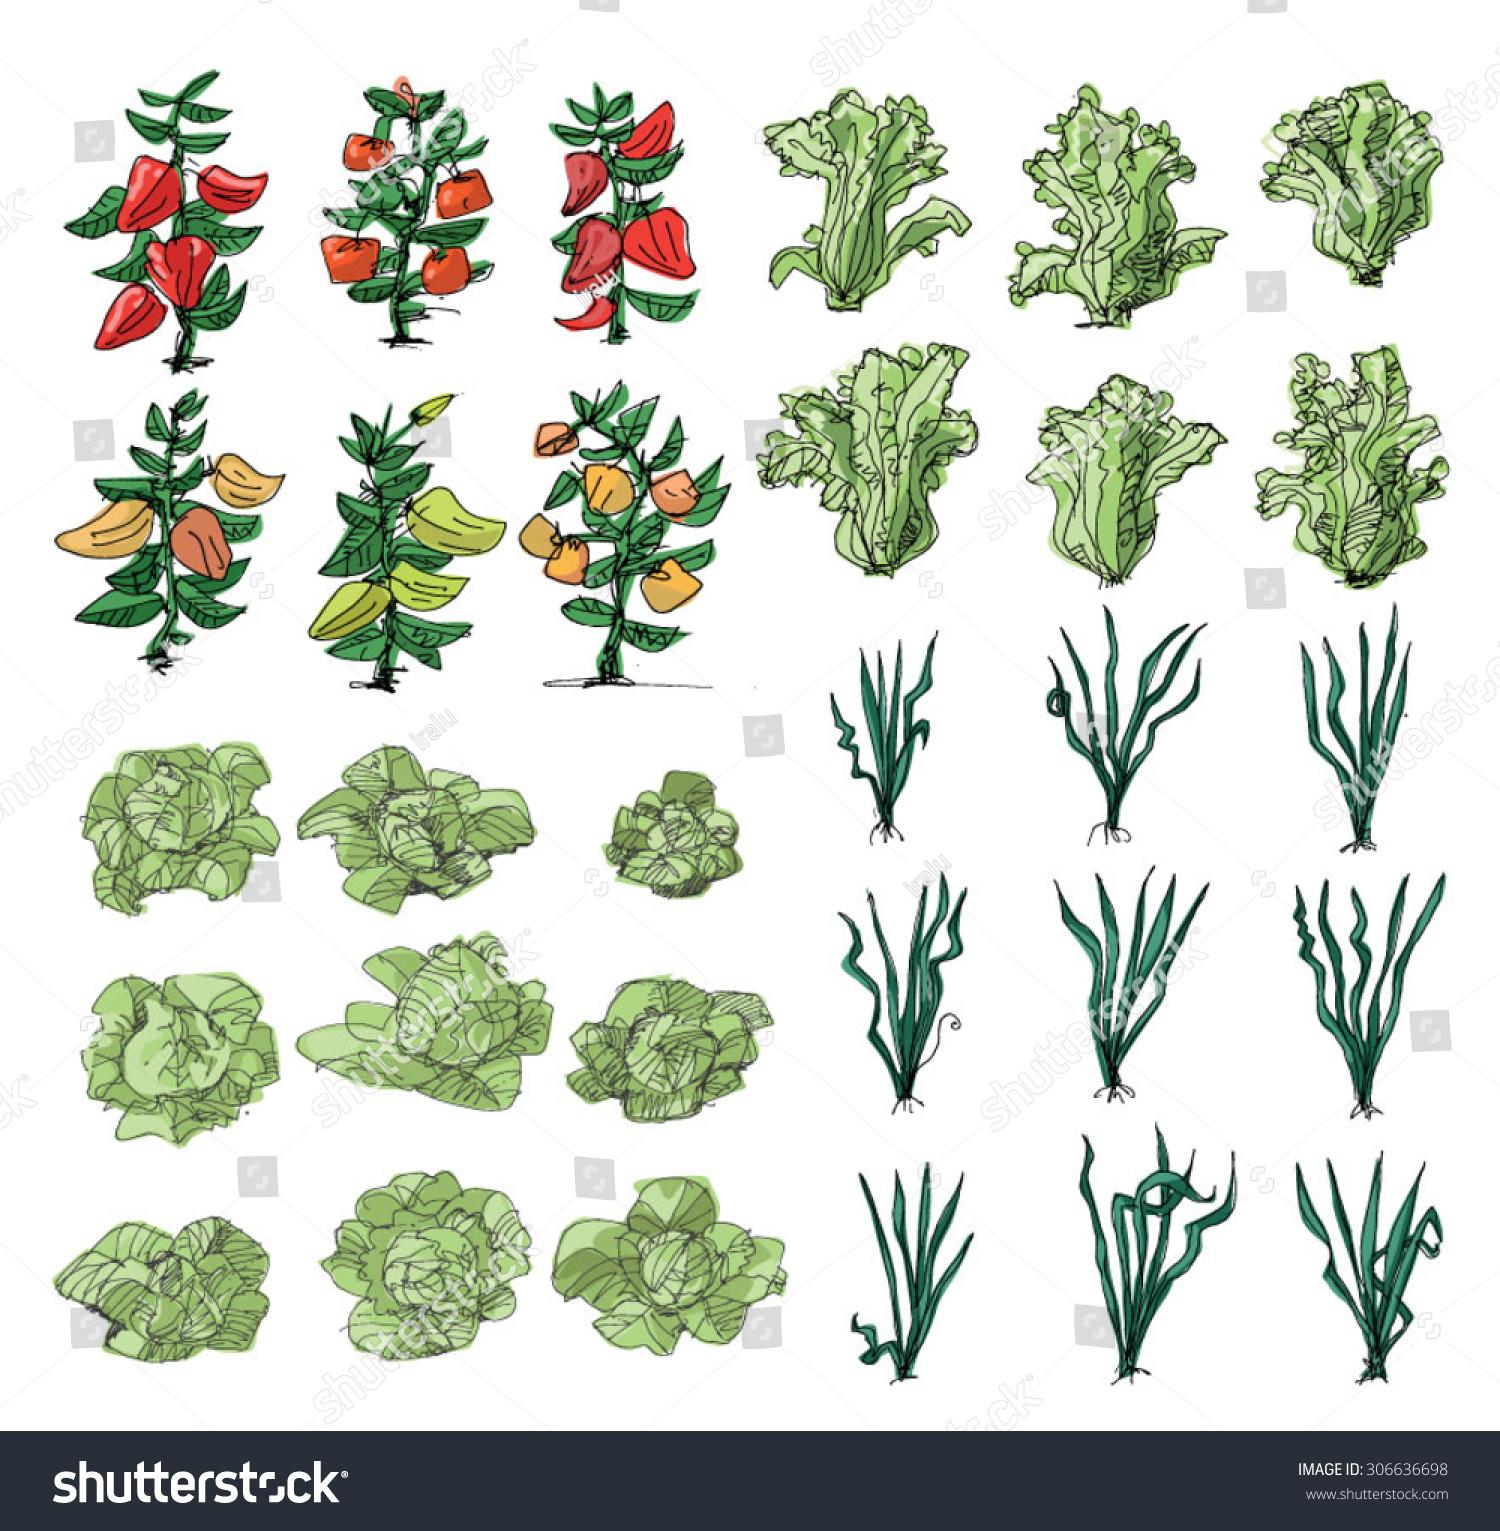 Kitchengarden Cartoon Stock Vector 306636698 - Shutterstock